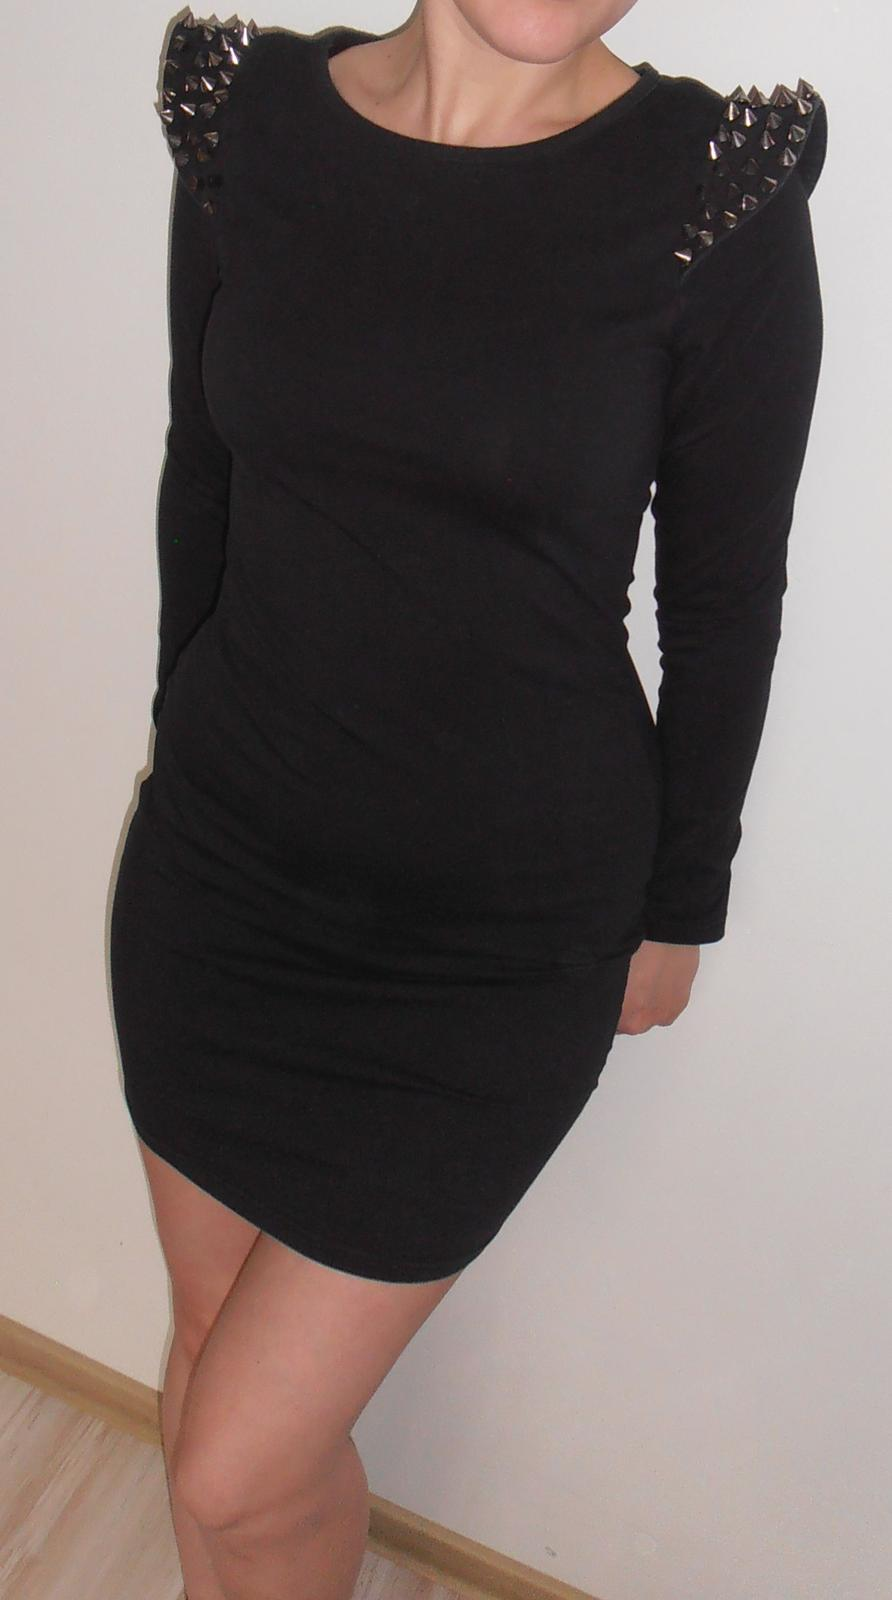 šaty s ostňami - Obrázok č. 2